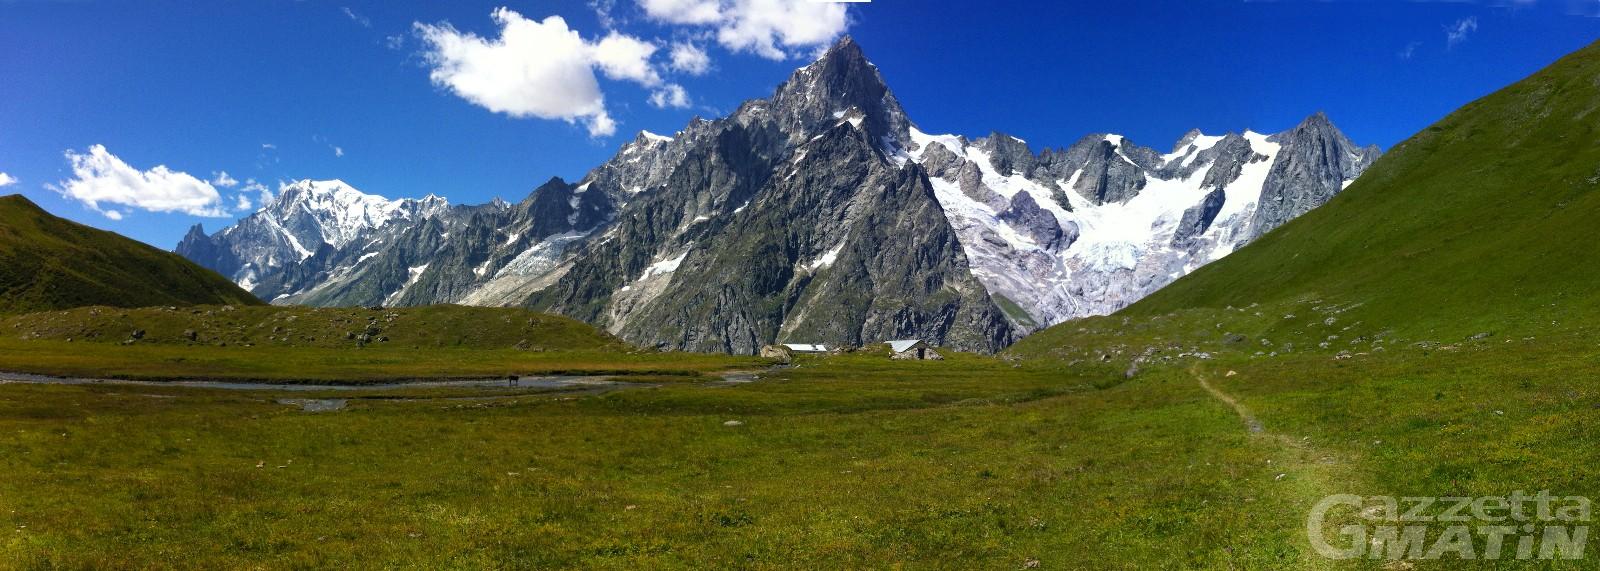 Montagna: un convegno a Courmayeur sulla trasformazione dei territori